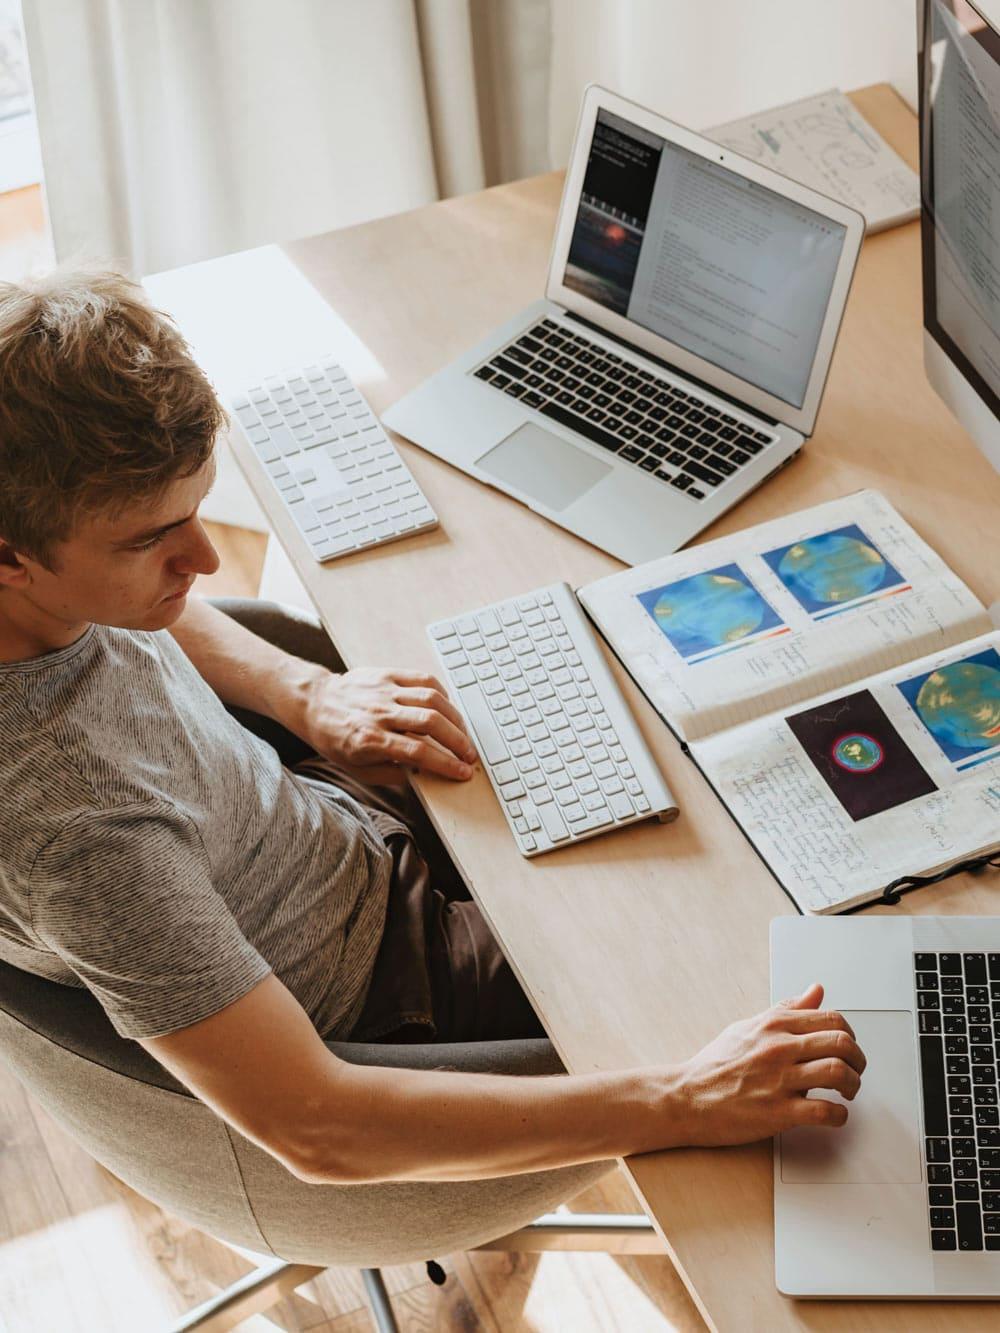 Mann_im_Home-Office_sitzt_vor_dem_laptop_und_einem_Bildschirm